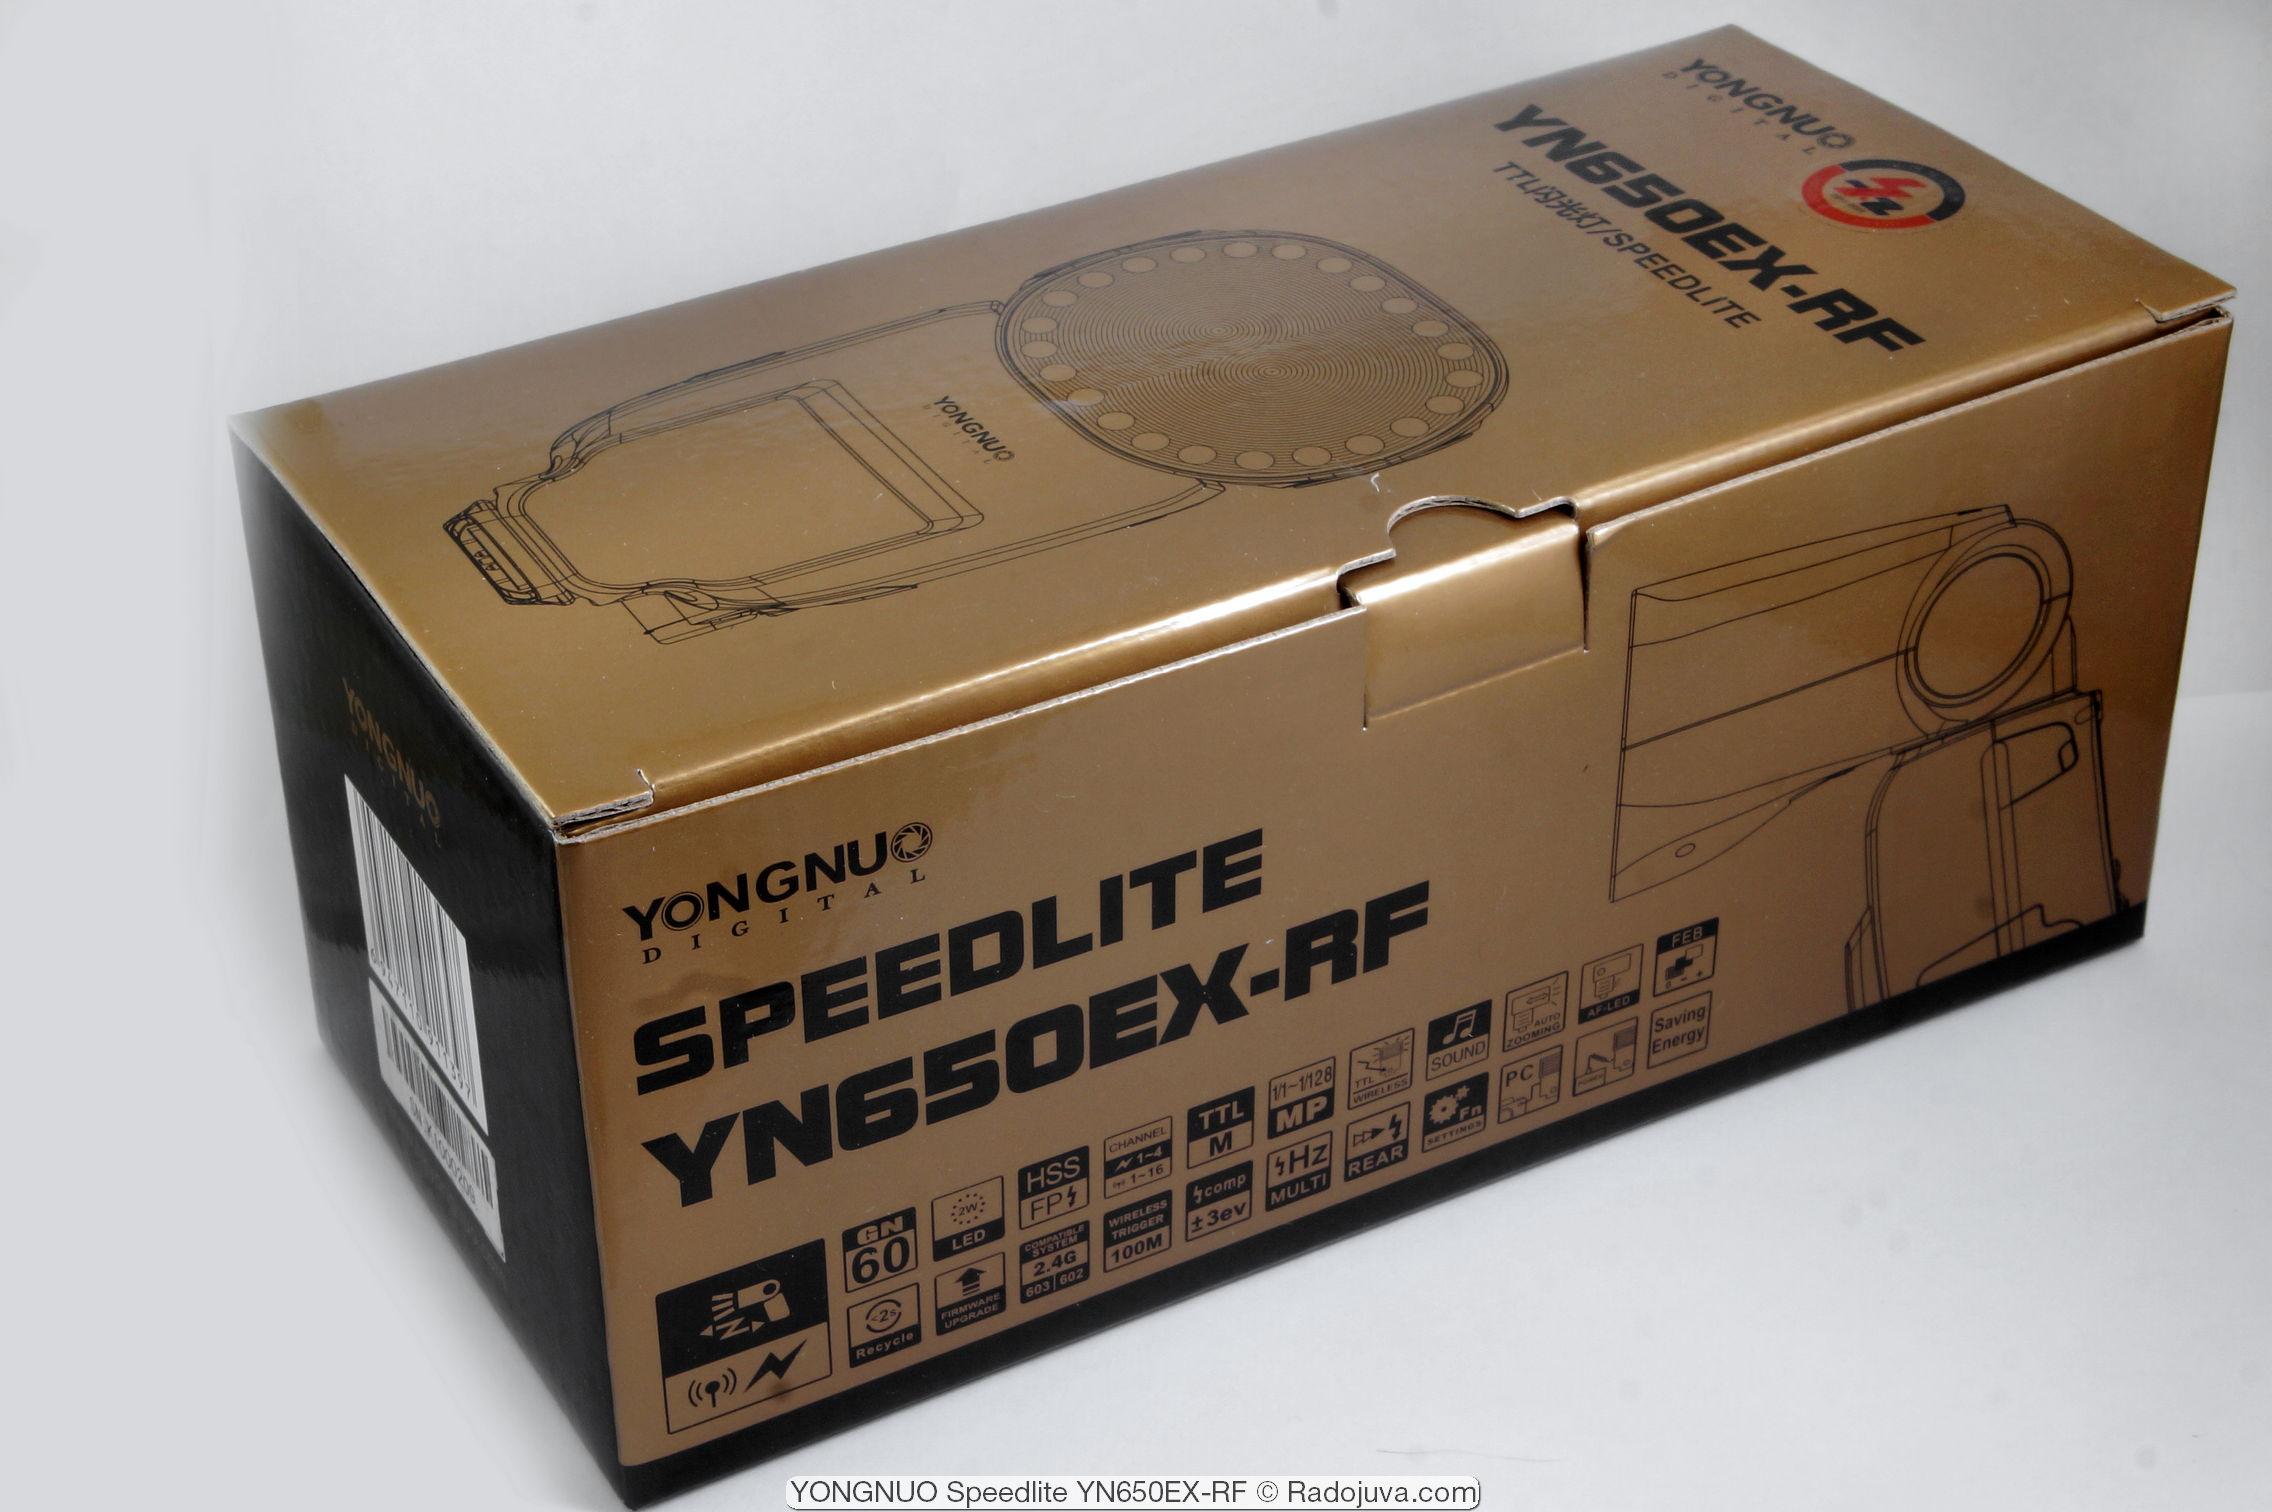 YONGNUO Speedlite YN650EX-RF